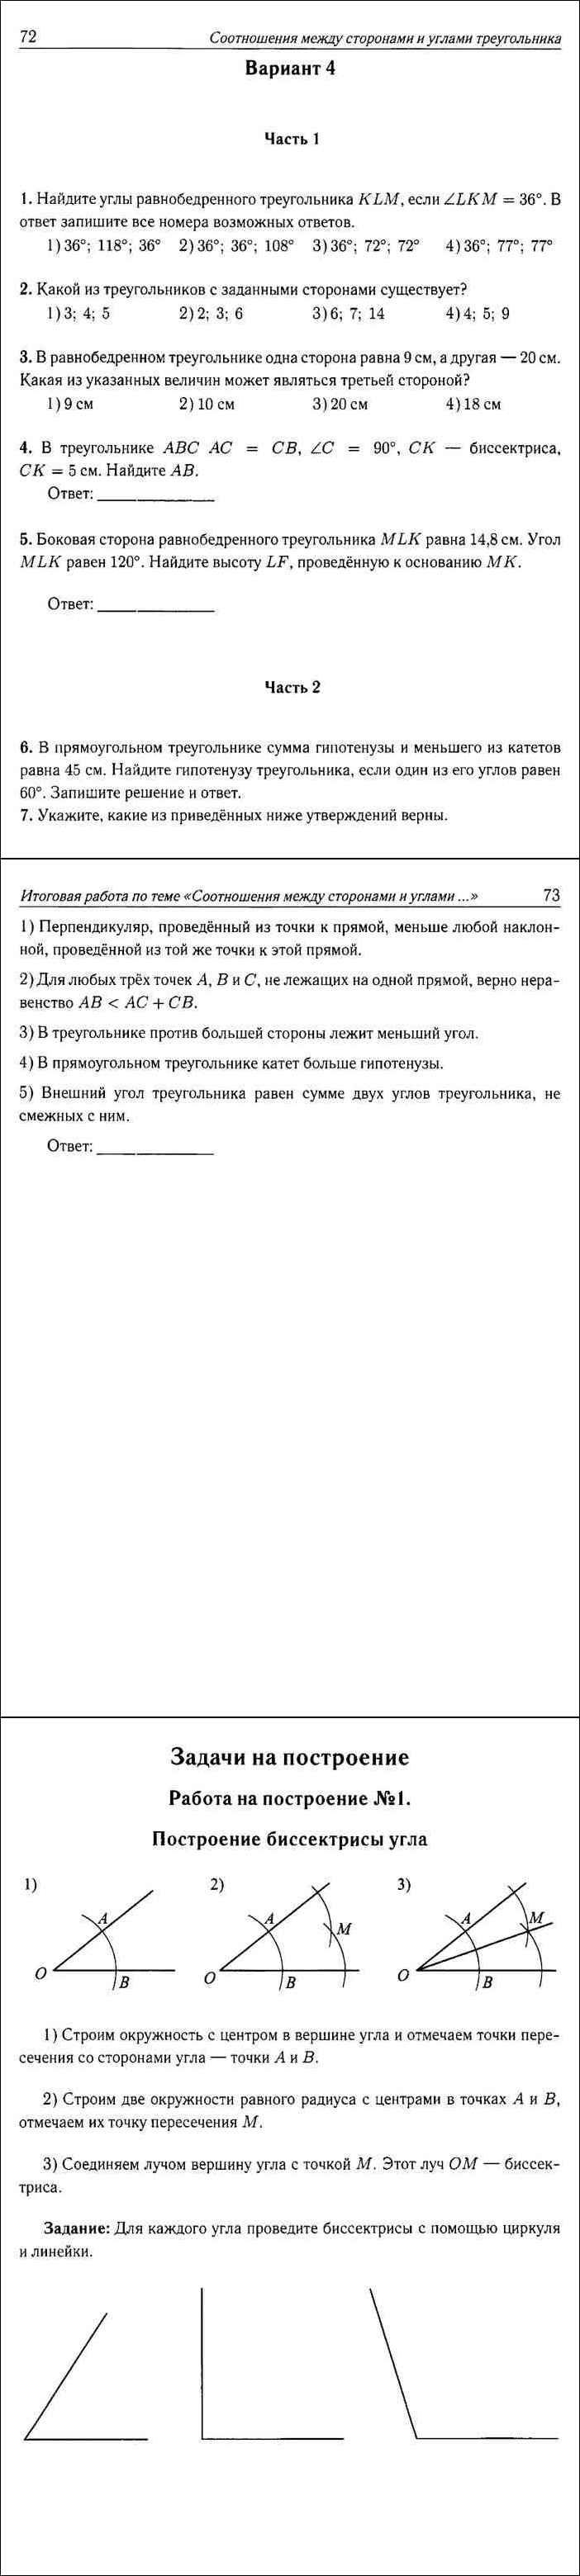 Гдз по геометрии 7 класс рабочая тетрадь лысенко кулабухова ответы